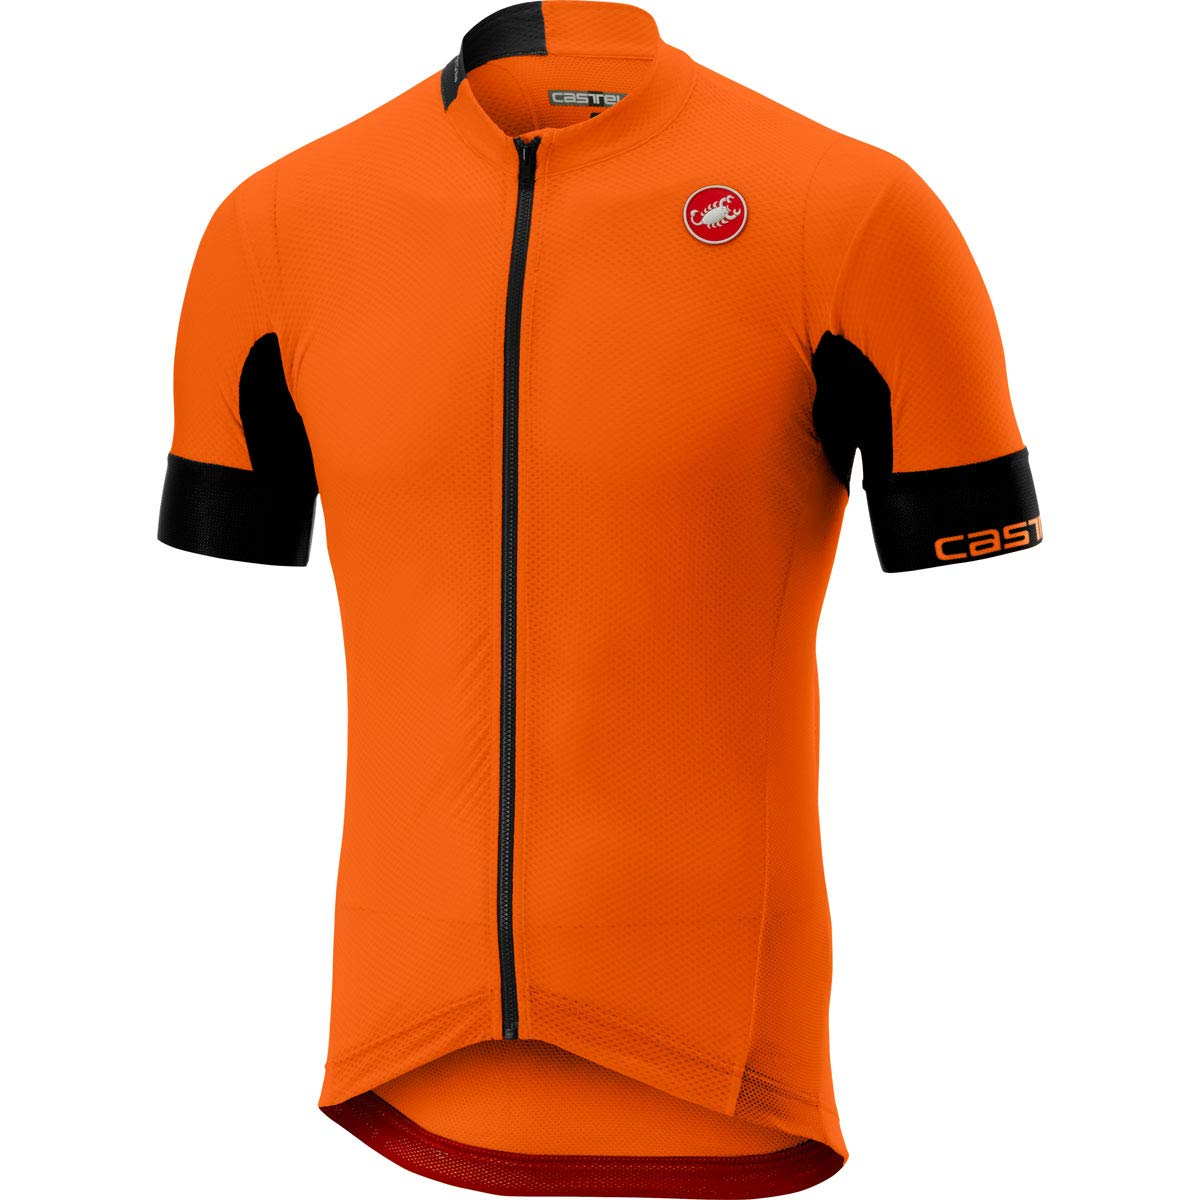 数量は多 Castelli Aero Jersey Race 4.1 Solid Jersey FZ XXX-Large Aero オレンジ Solid B07MQ2YTLY, 雑貨屋りんりん:2f6cf7a9 --- arianechie.dominiotemporario.com